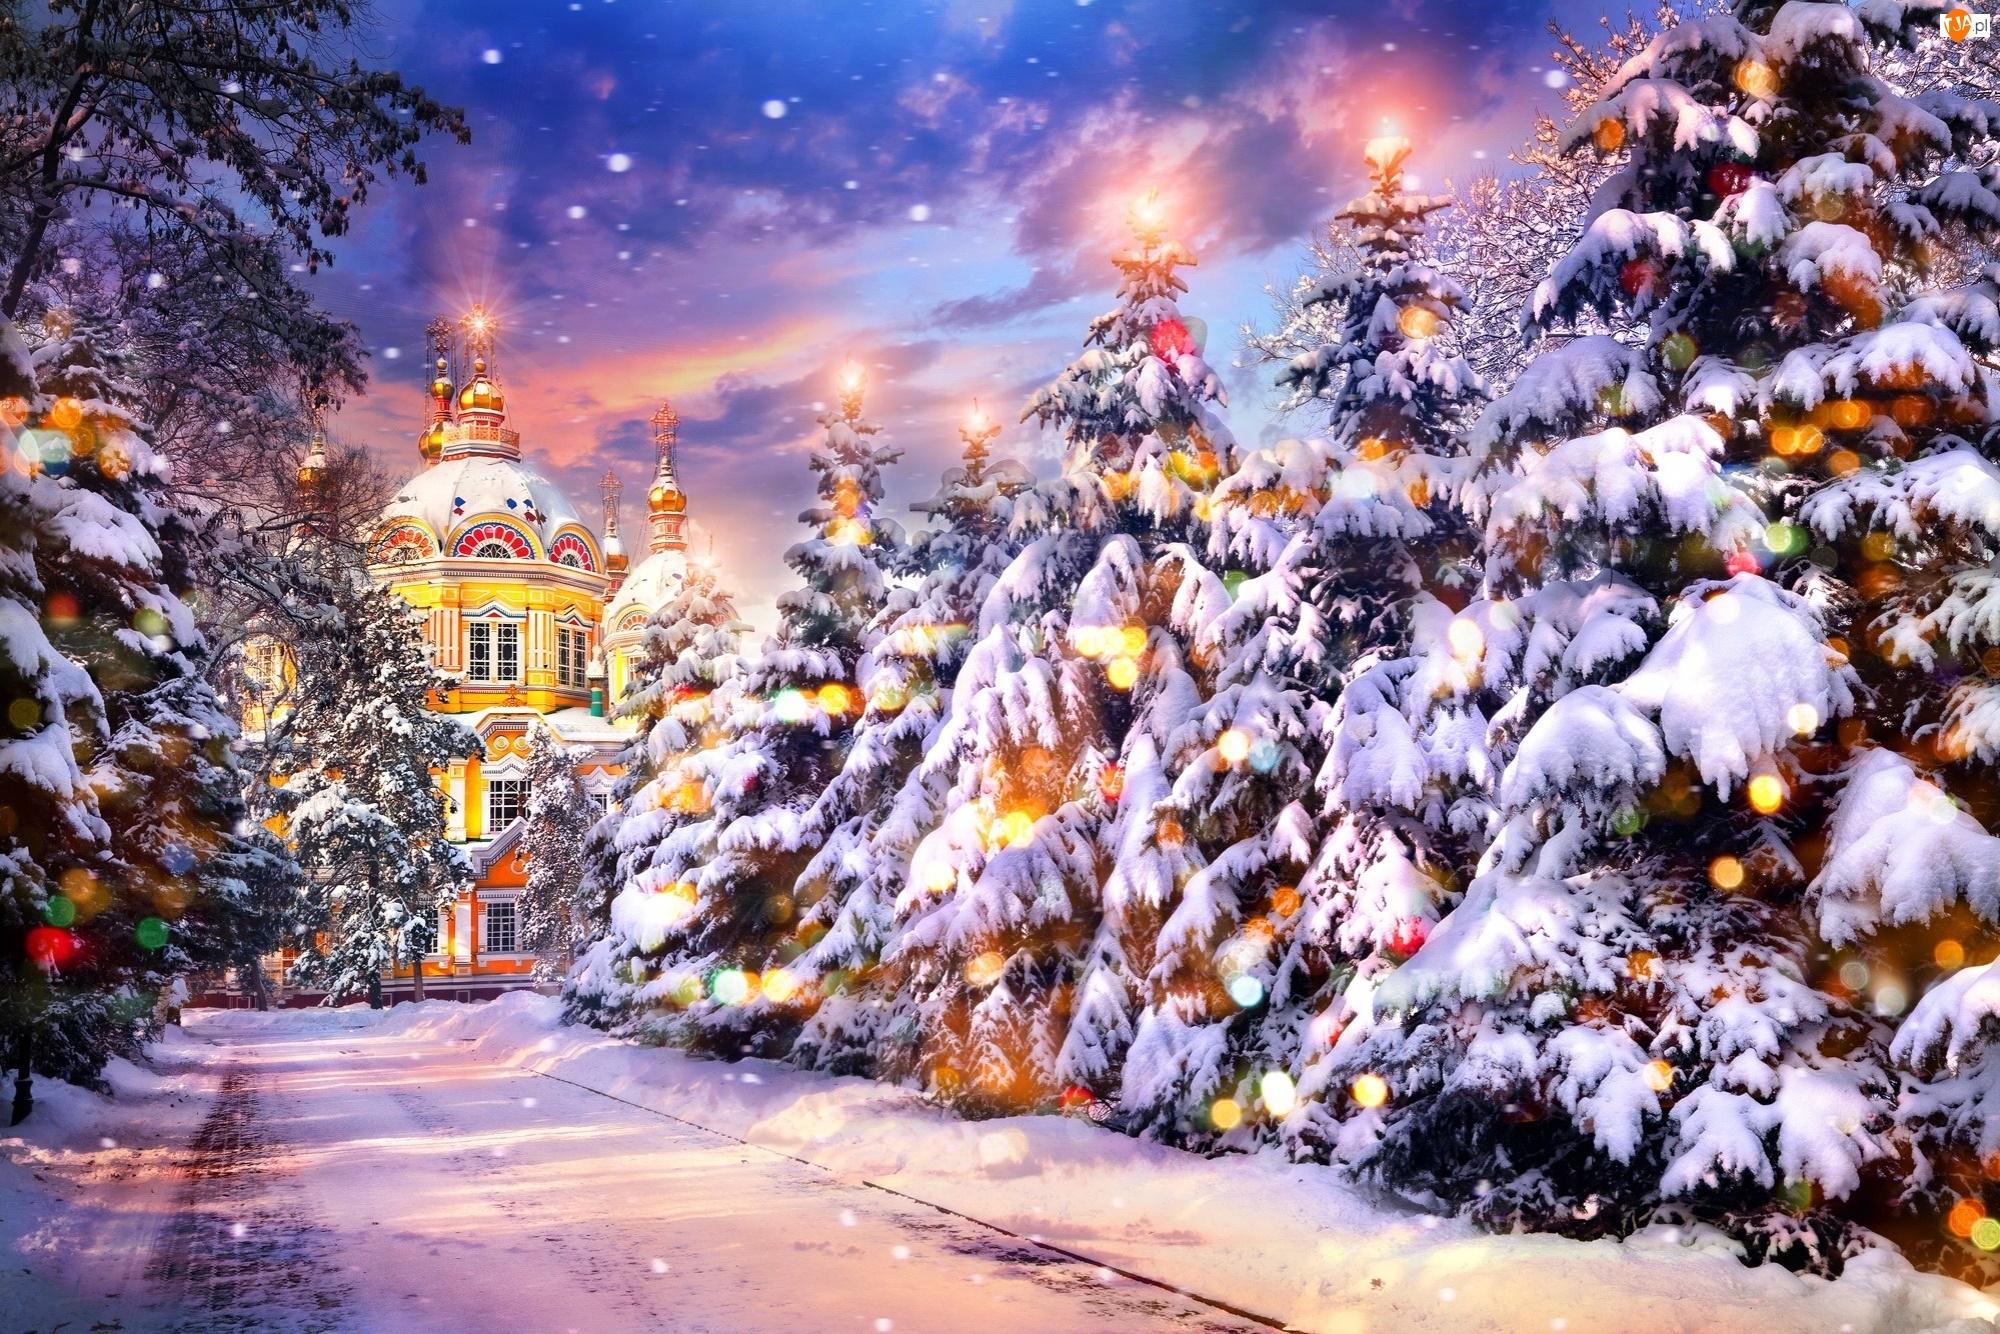 Świąteczne, Cerkiew, Zima, Rosja, Świerki, Lampki